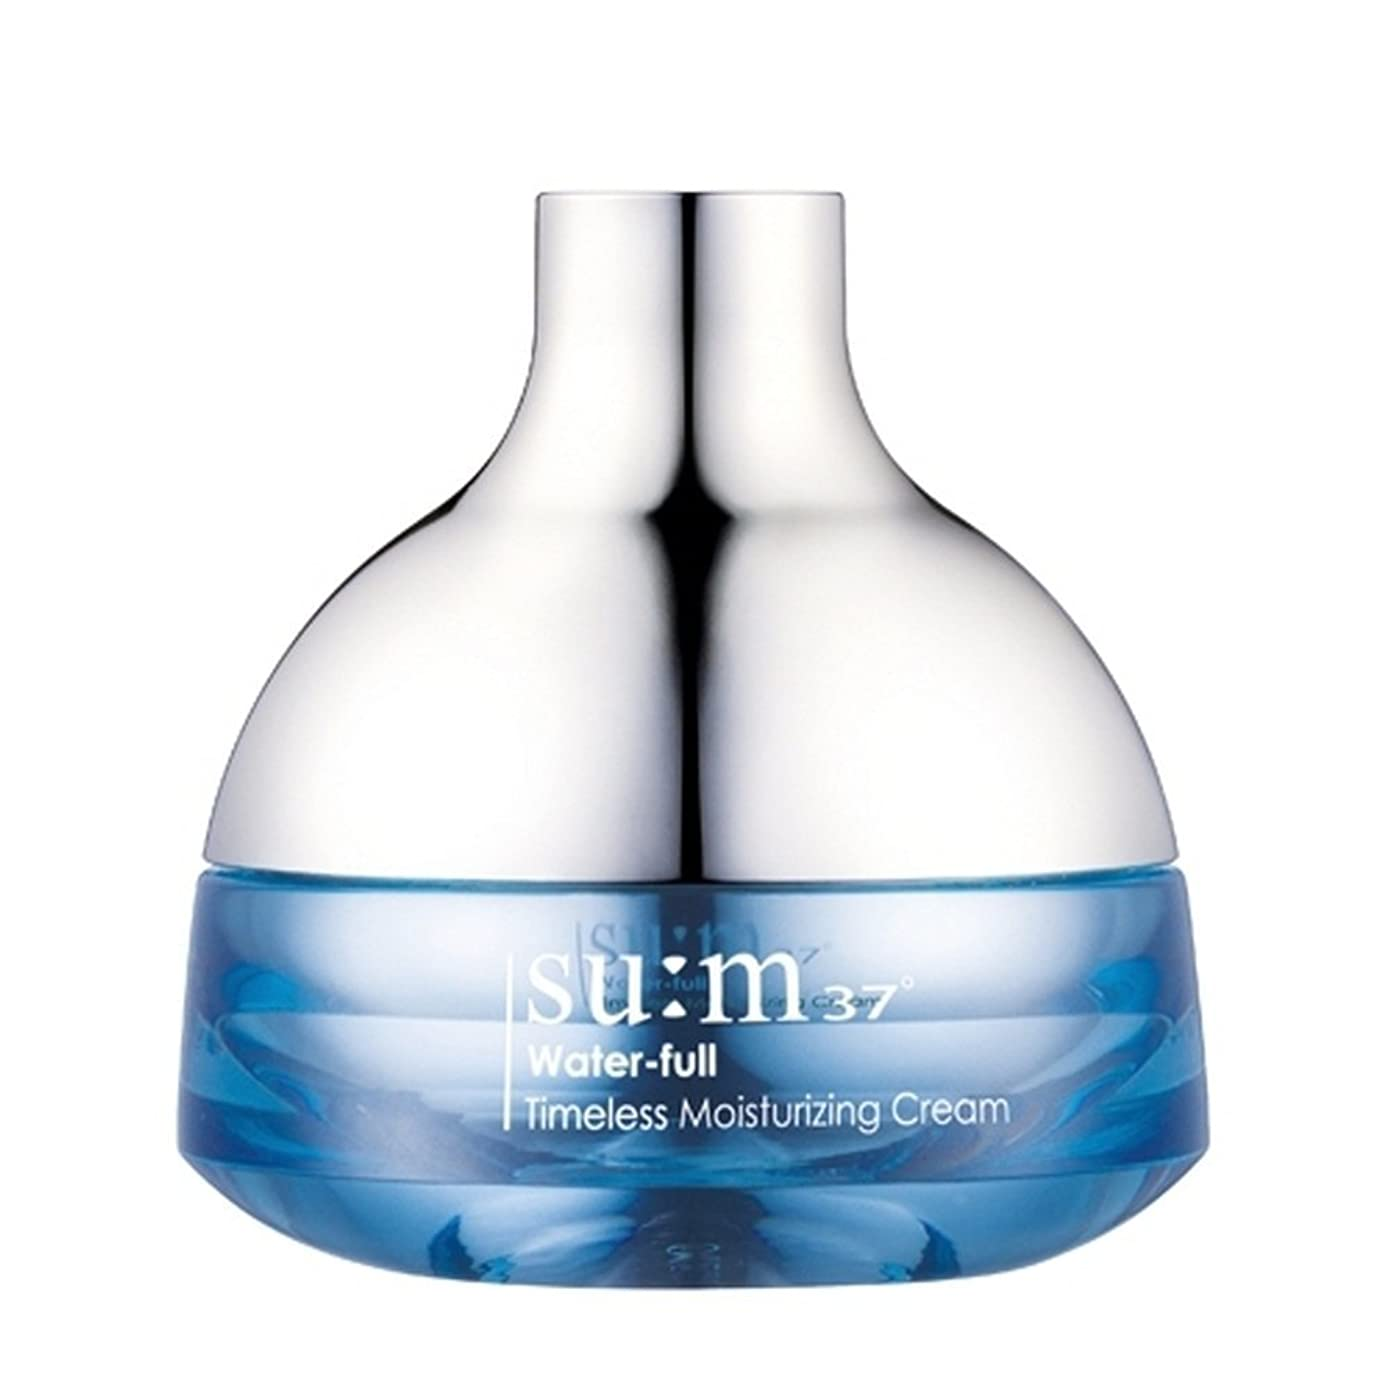 アミューズメントおじさん連帯[su:m37/スム37°] SUM37 Water-full Timeless Moisturizing Cream 50ml/WF06 sum37 ウォーターフル モイスチャライジング クリーム 50ml +[Sample Gift](海外直送品)